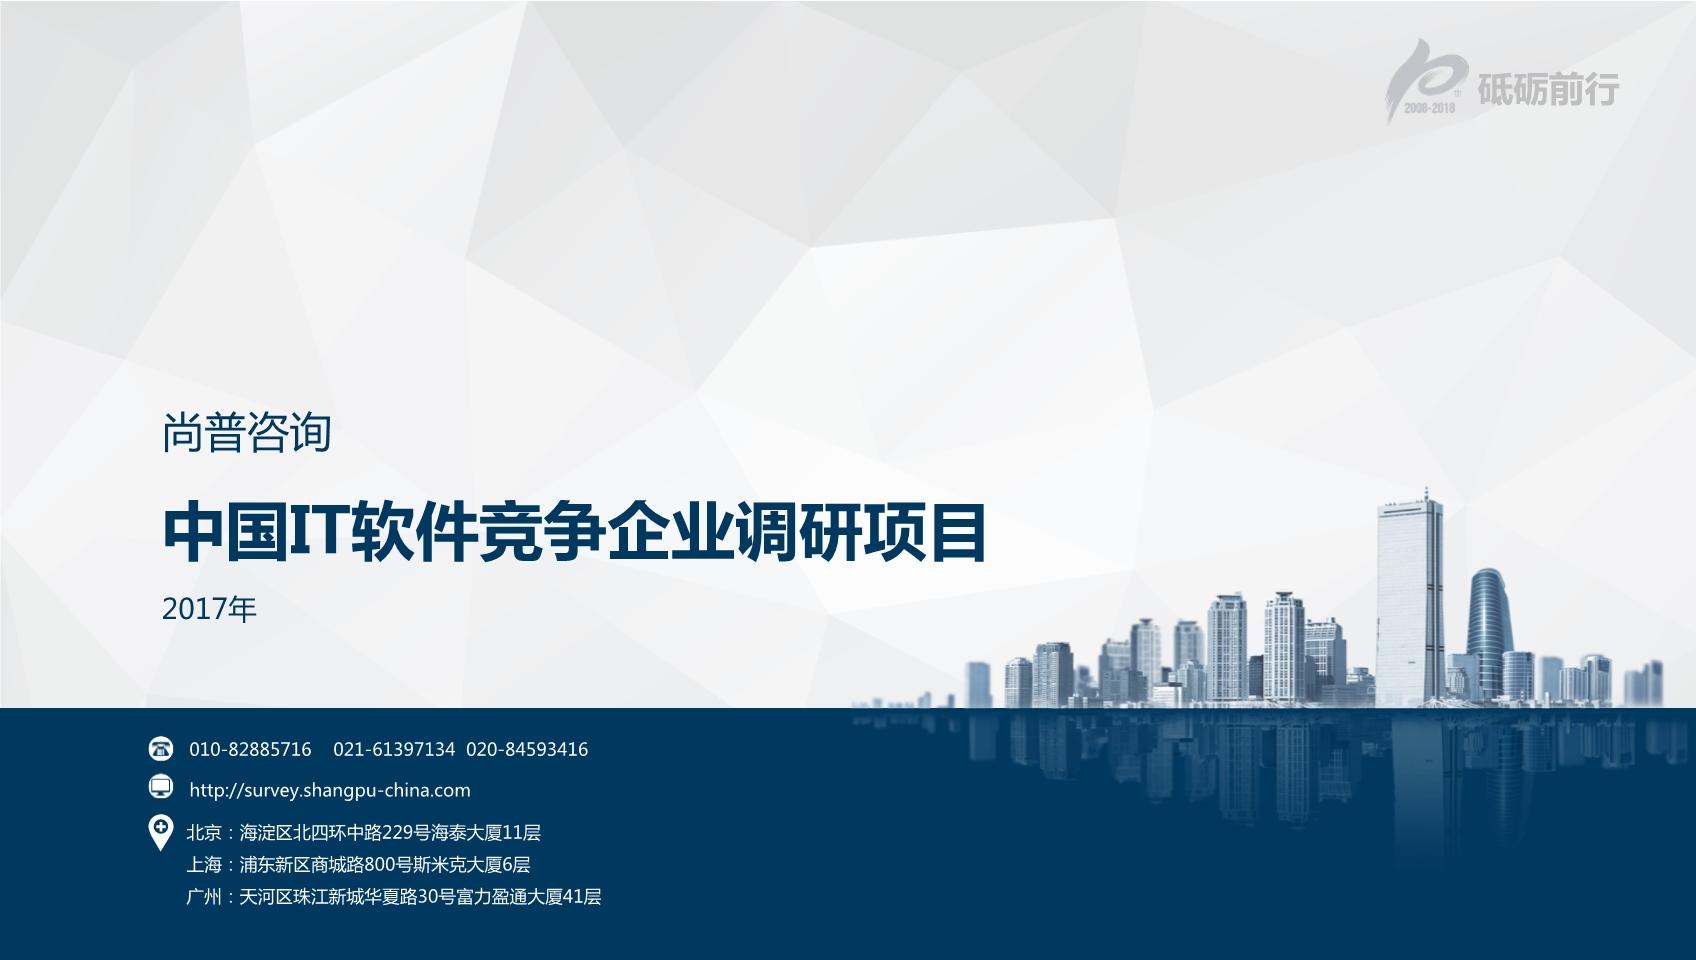 尚普咨询-中国IT软件竞争企业市场调研